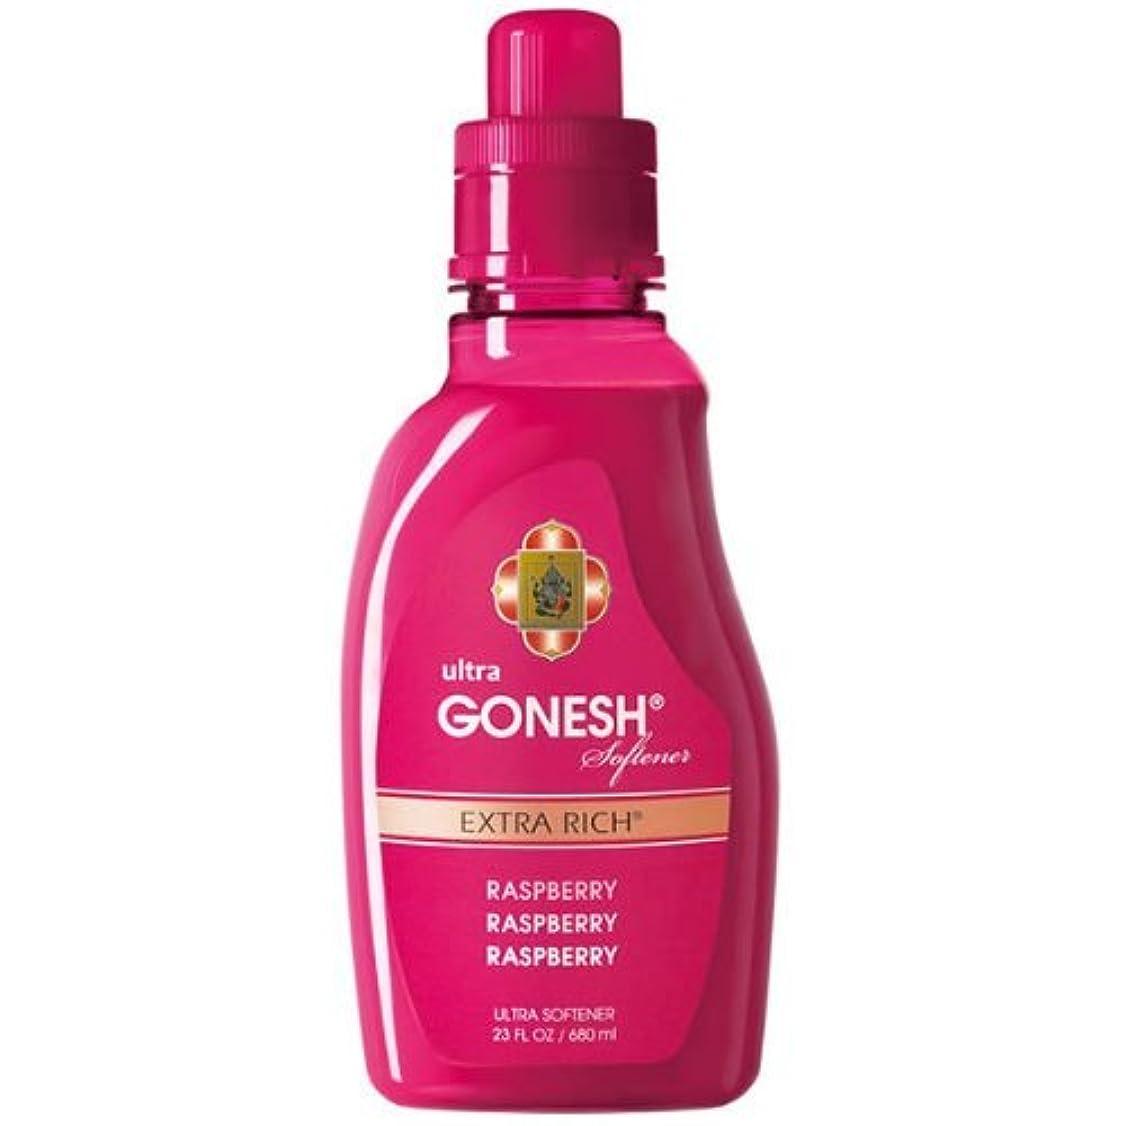 受取人ペルー逮捕GONESH(ガーネッシュ)ウルトラソフナー ラズベリー 680ml 柔軟剤 (ラズベリーの香り)